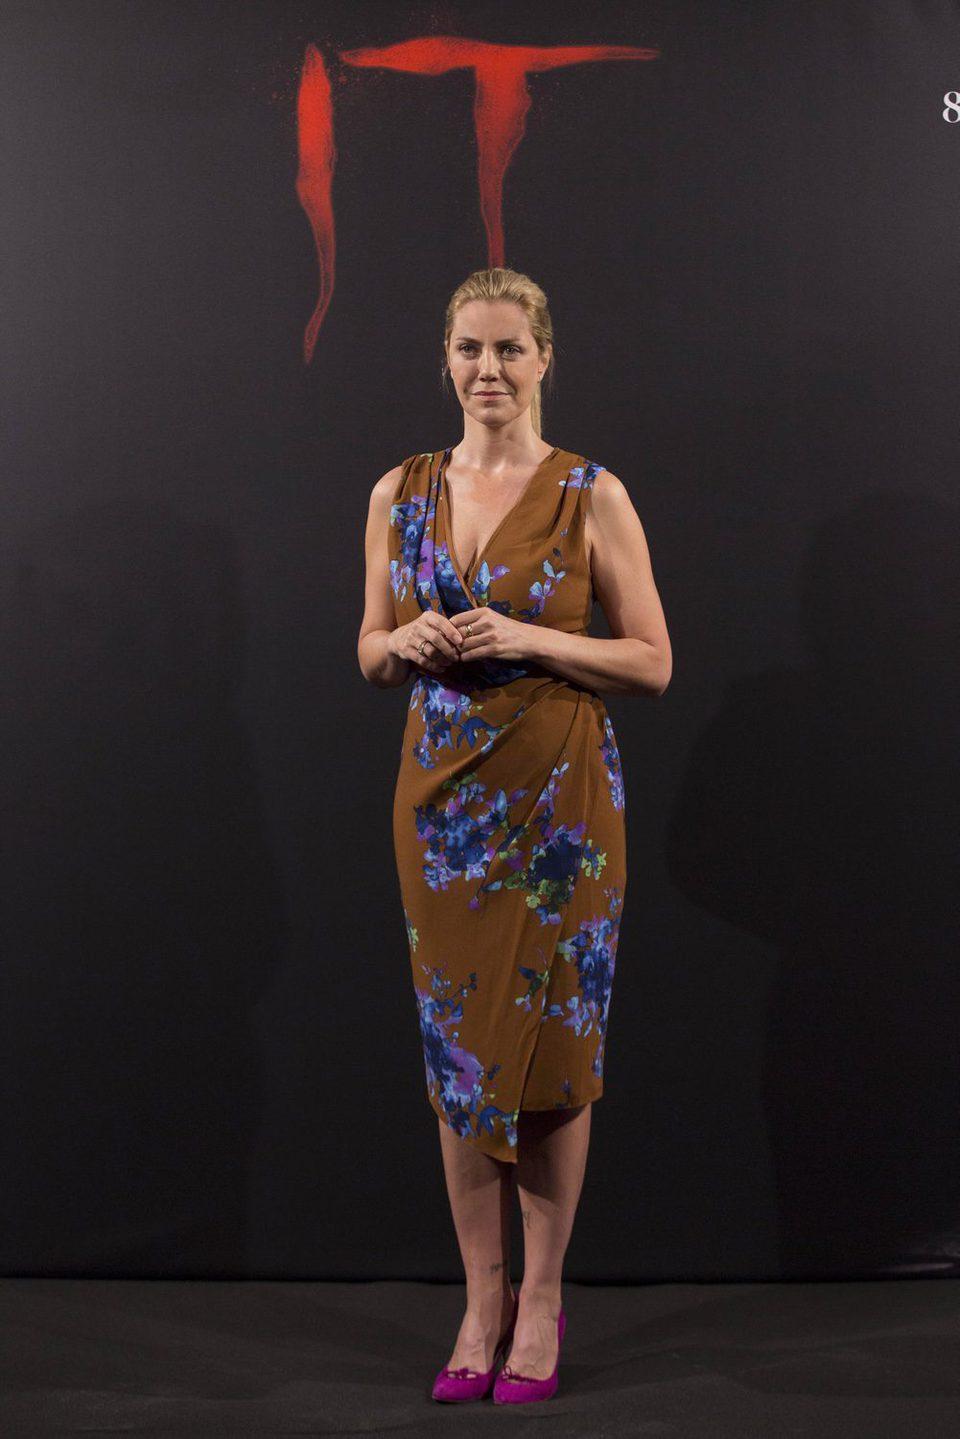 Barbara Muschietti en la presentación de 'It' en Madrid